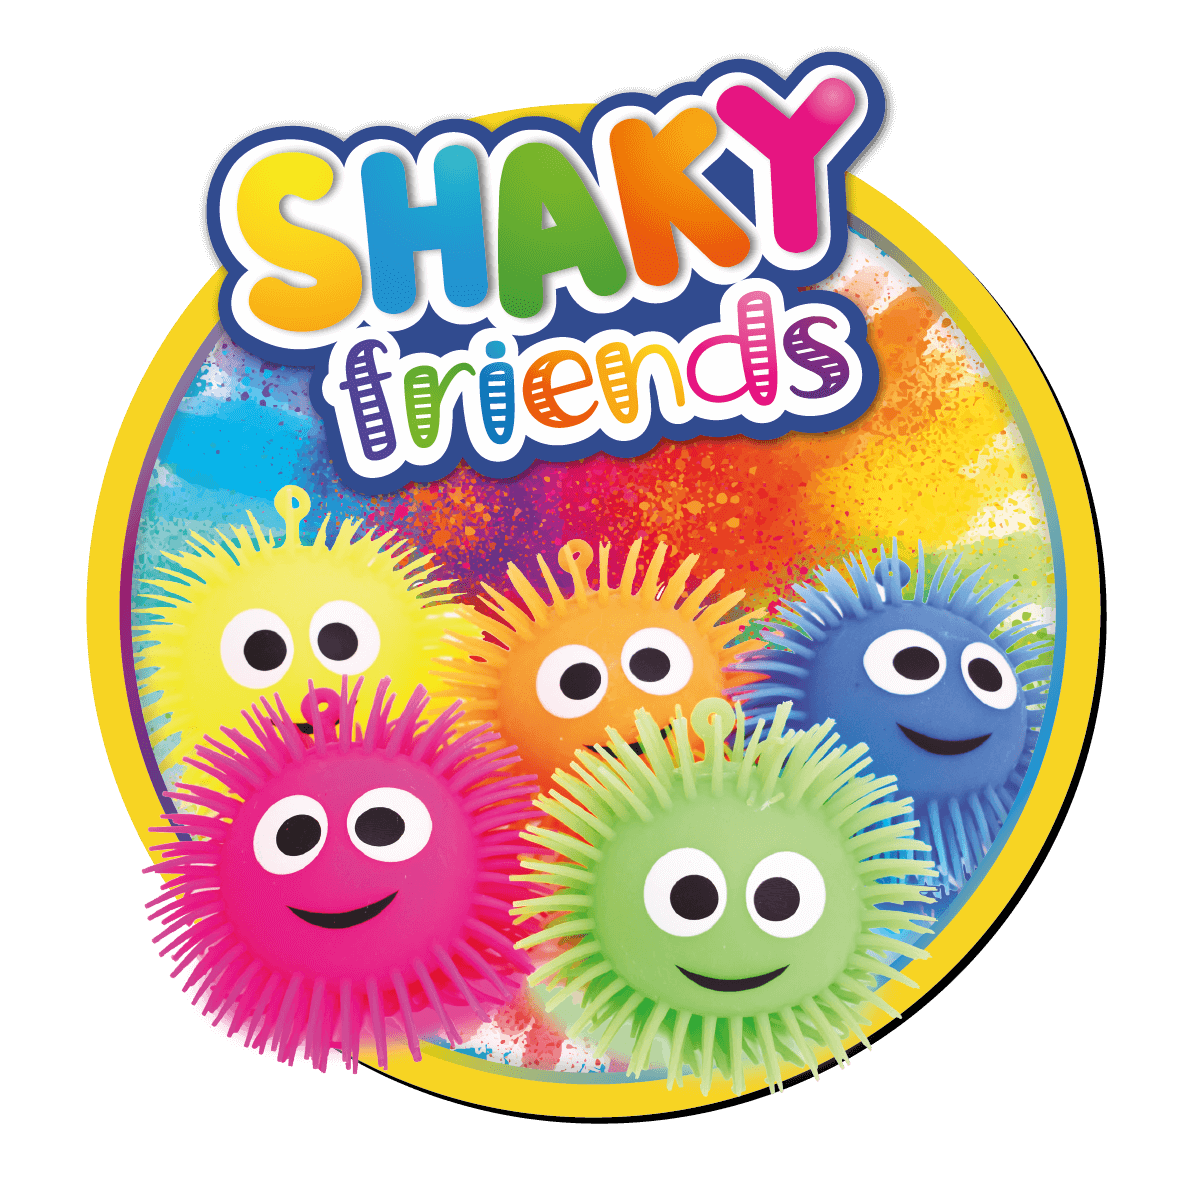 Shaky Friends